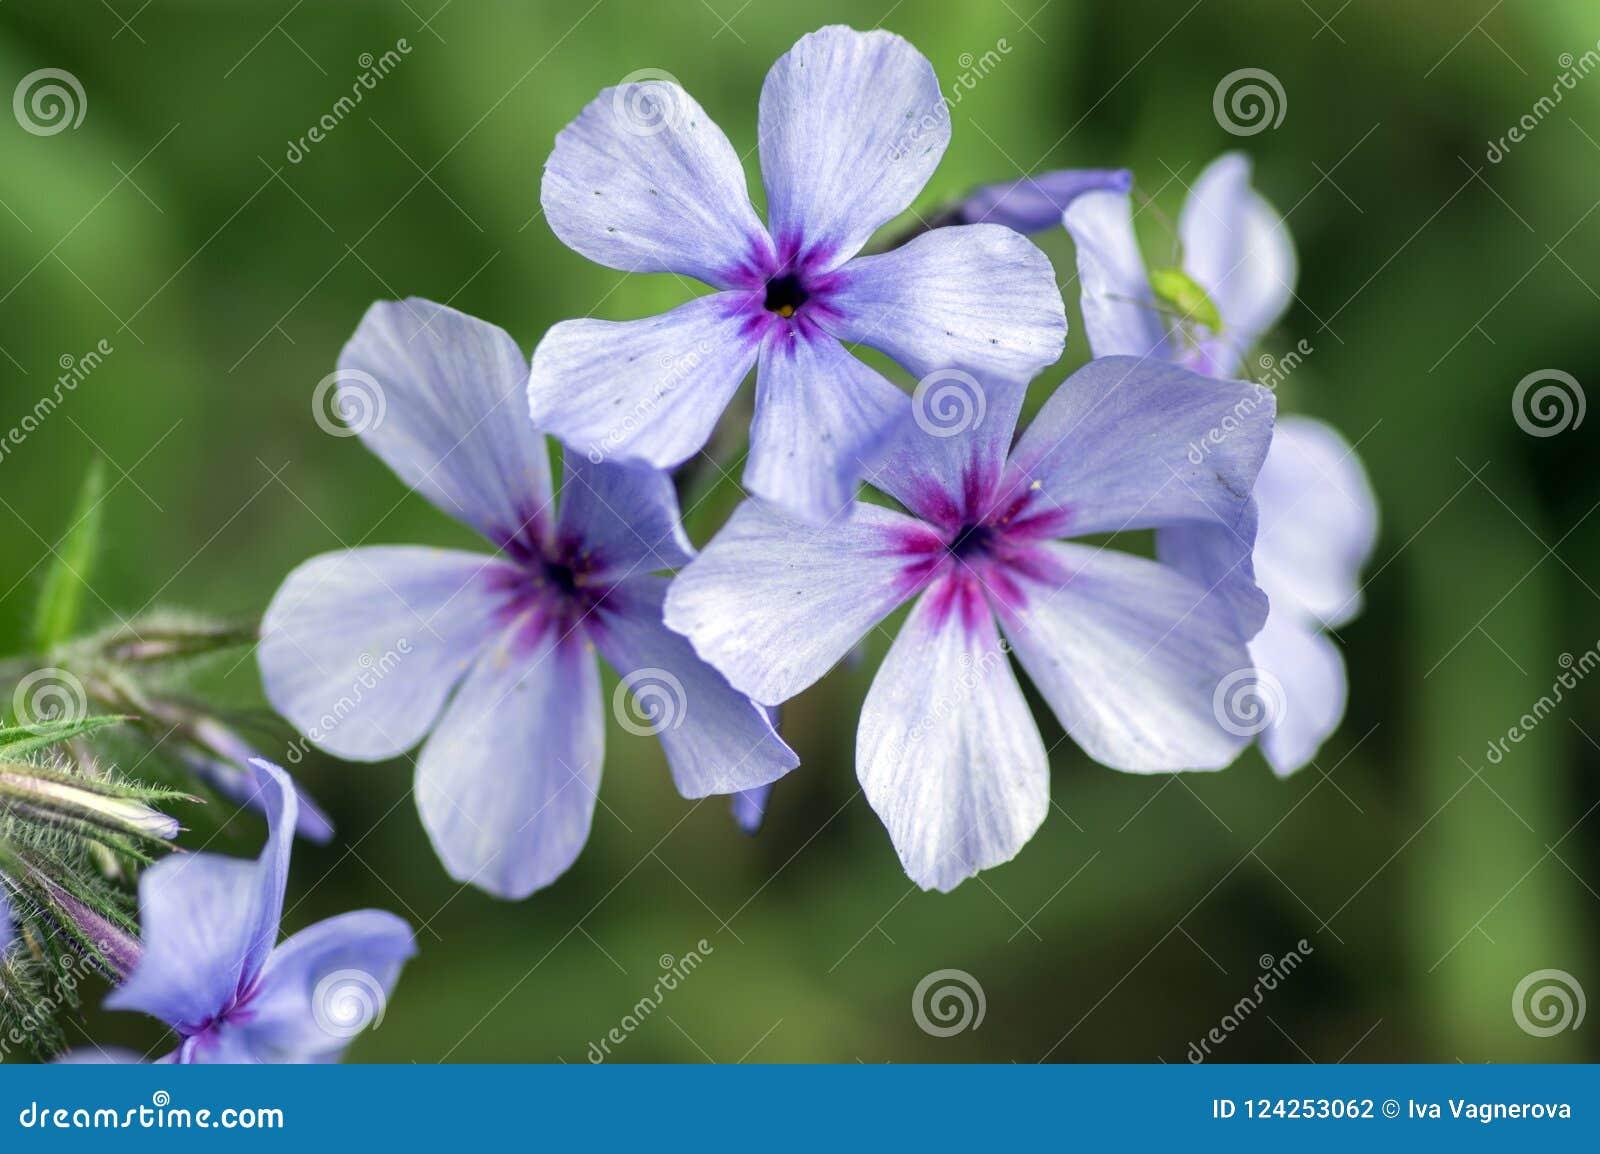 Flores roxas violetas do chattahoochee do divaricata do flox, planta selvagem decorativa na flor